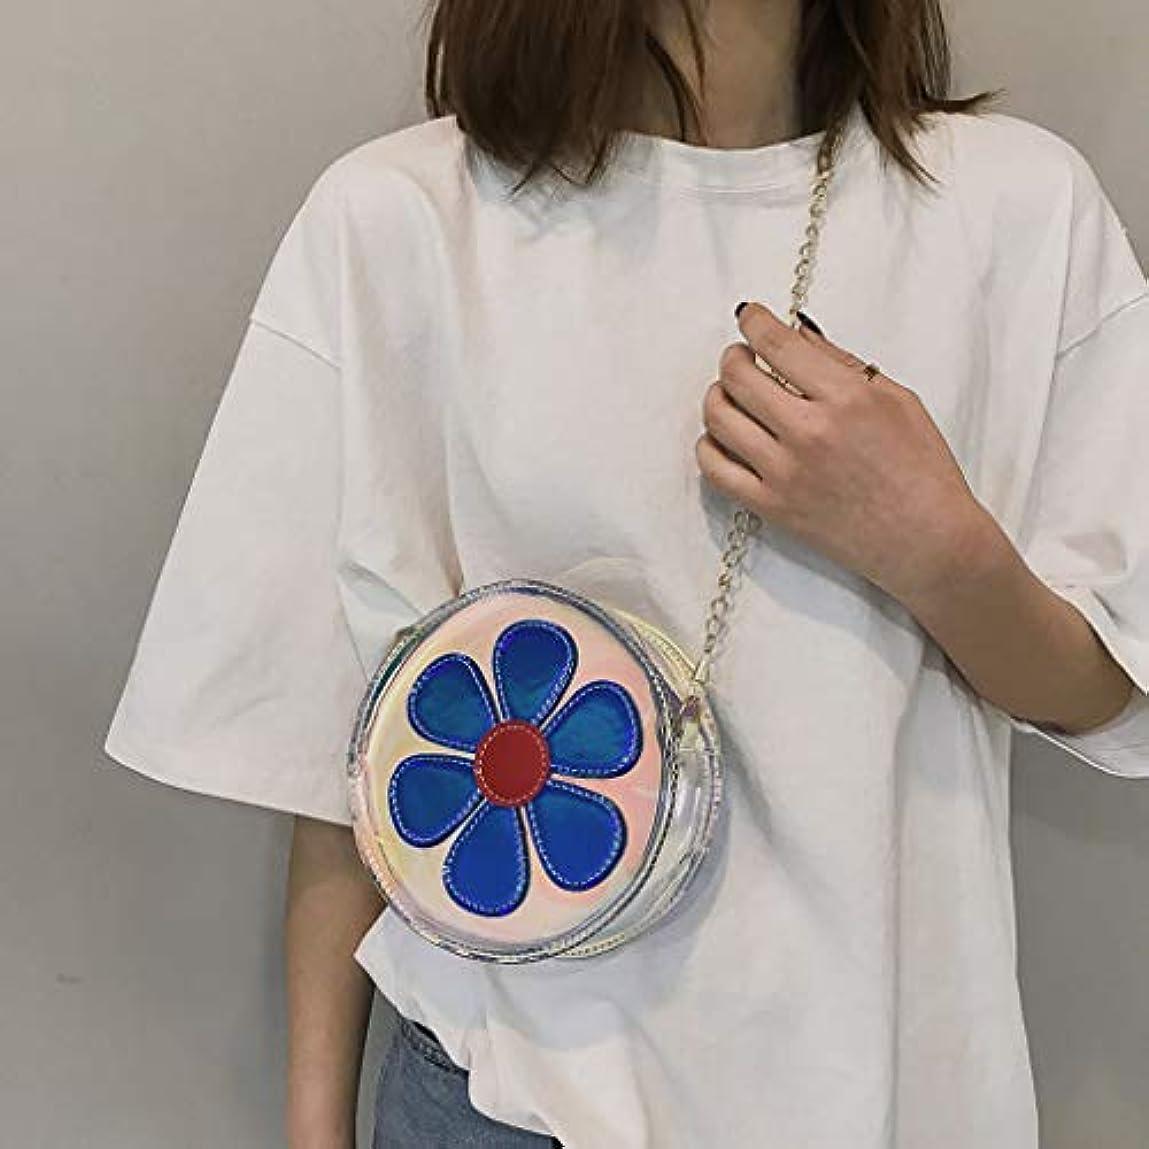 債務うねる先生女性カジュアル野生透明花かわいいショルダーバッグメッセンジャーバッグ、ファッション女性透明レーザーフラワーショルダーバッグメッセンジャーバッグ (ブルー)